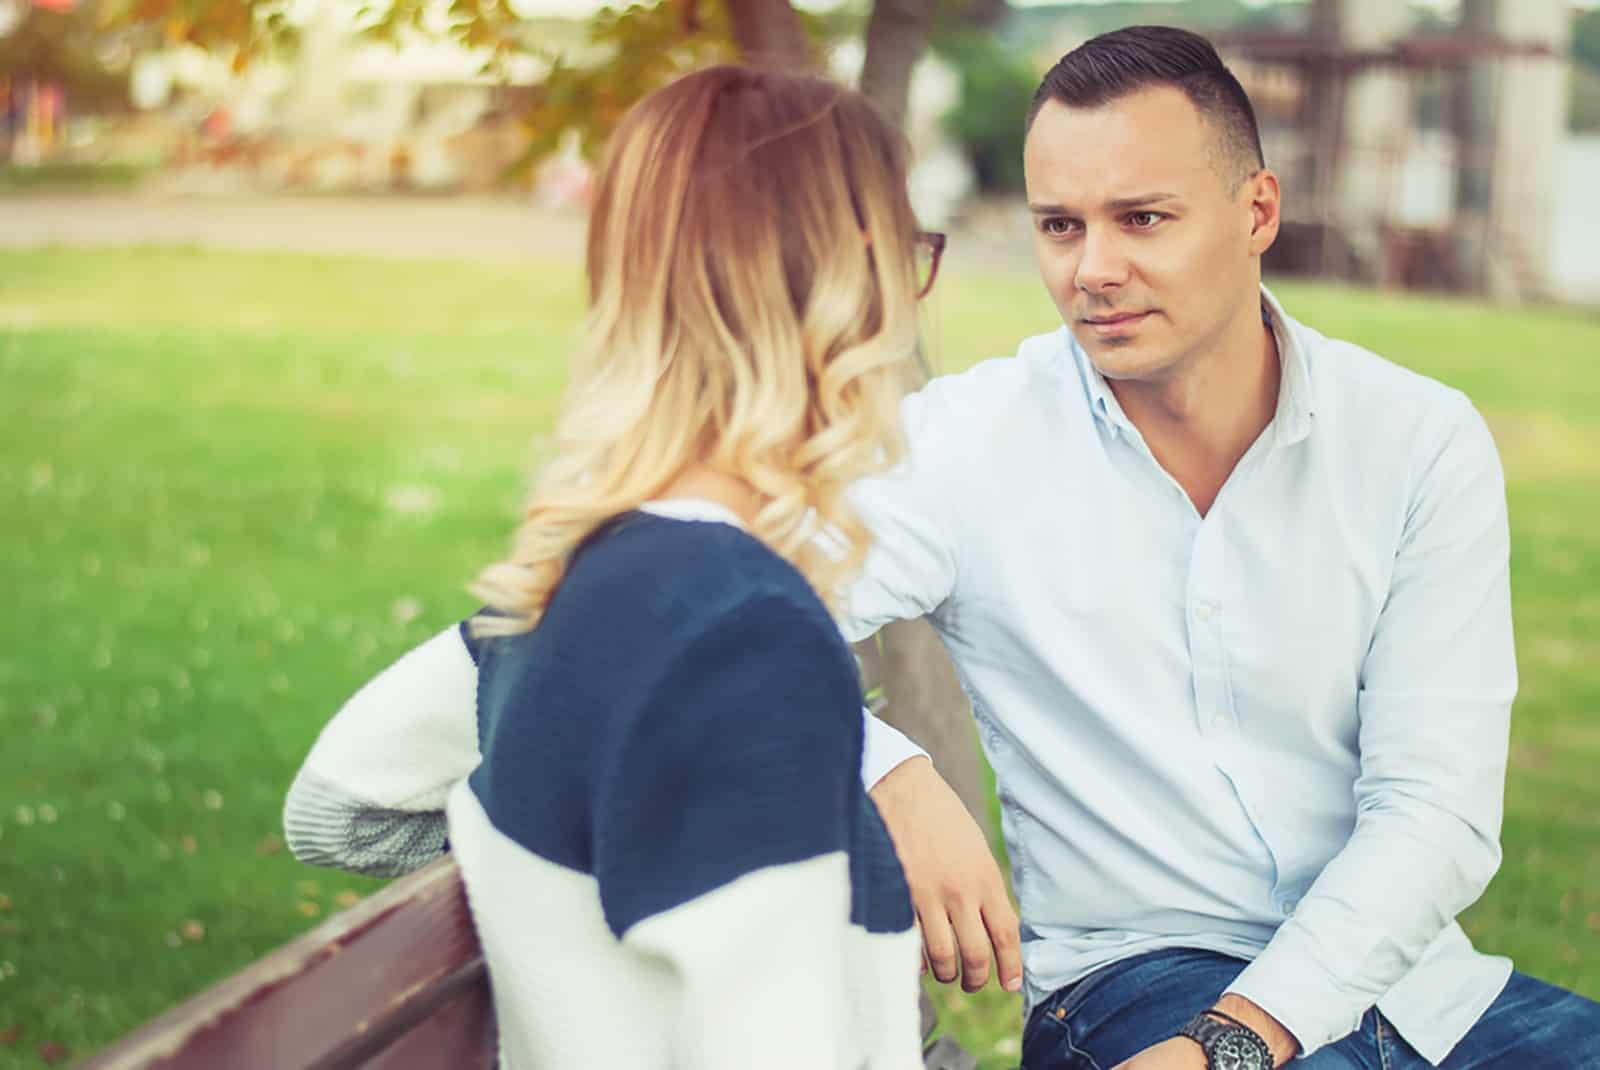 Ein Paar, das ein ehrliches Gespräch führt und auf der Bank im Park sitzt